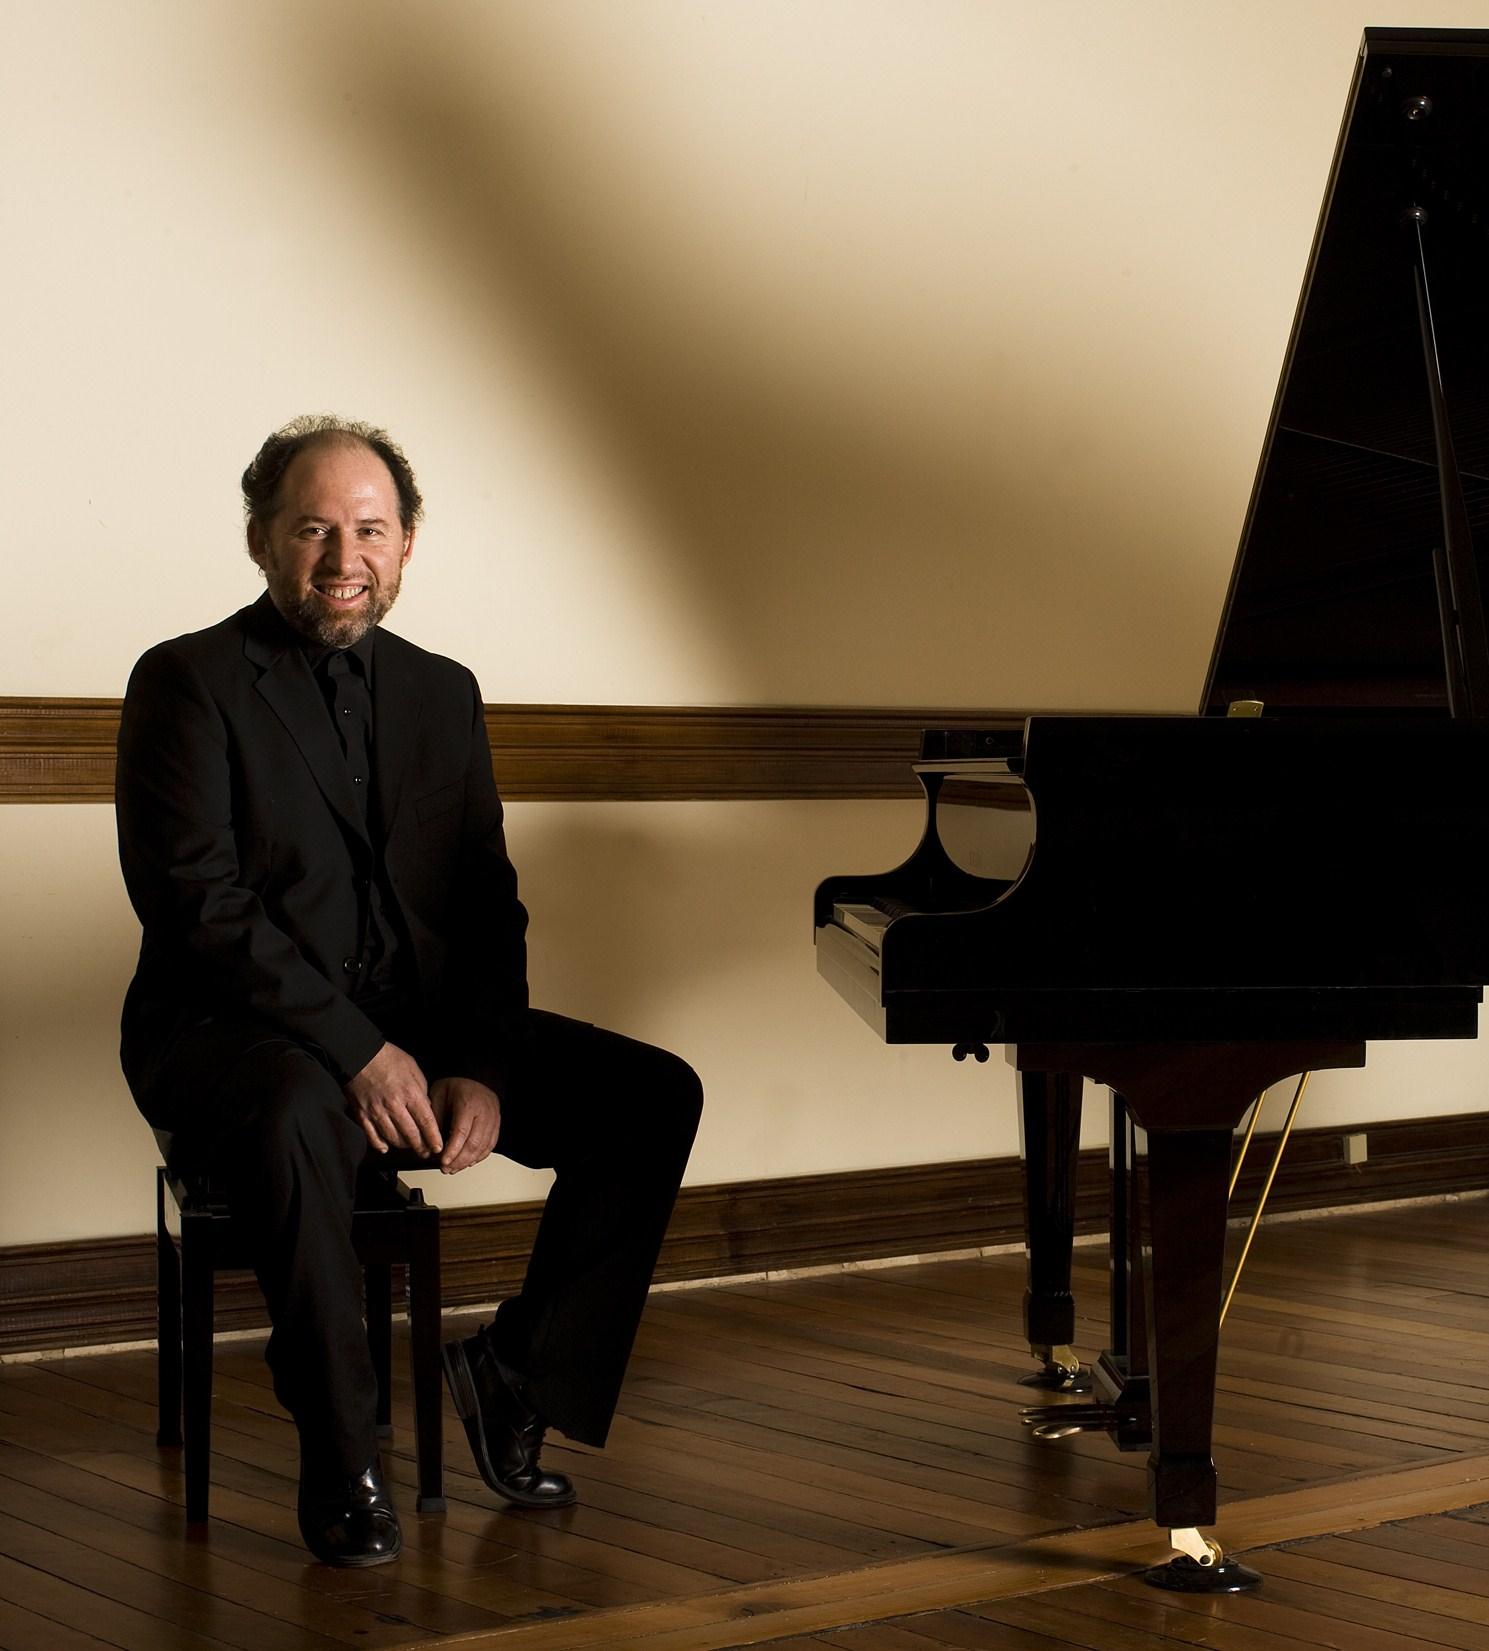 El pianista chileno Luis Alberto Latorre se presentará el 25 de julio en el Centro Cultural de San Fernando.